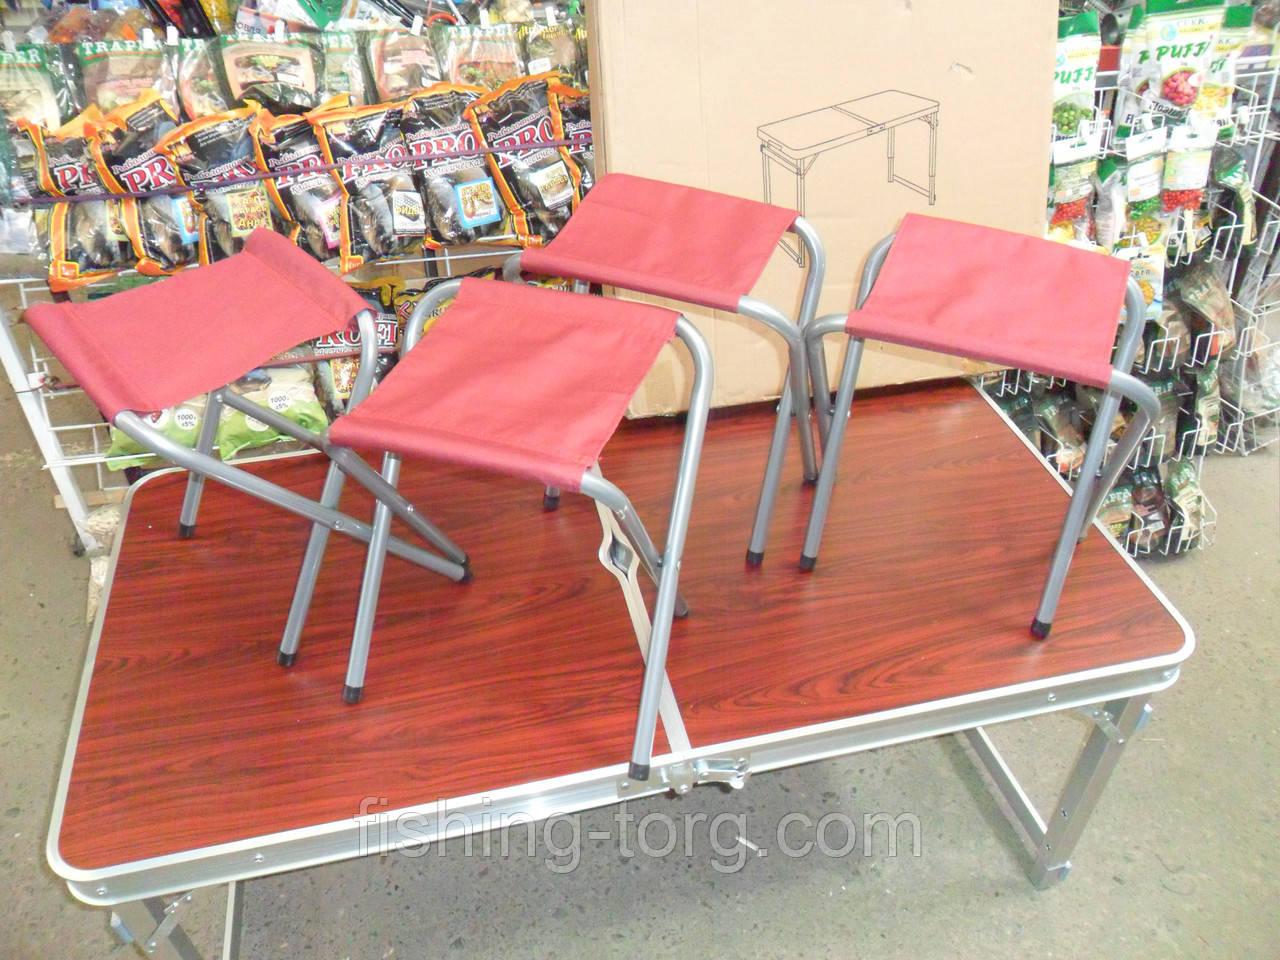 Стол складной + 4 стула отличное качество мощный усиленный